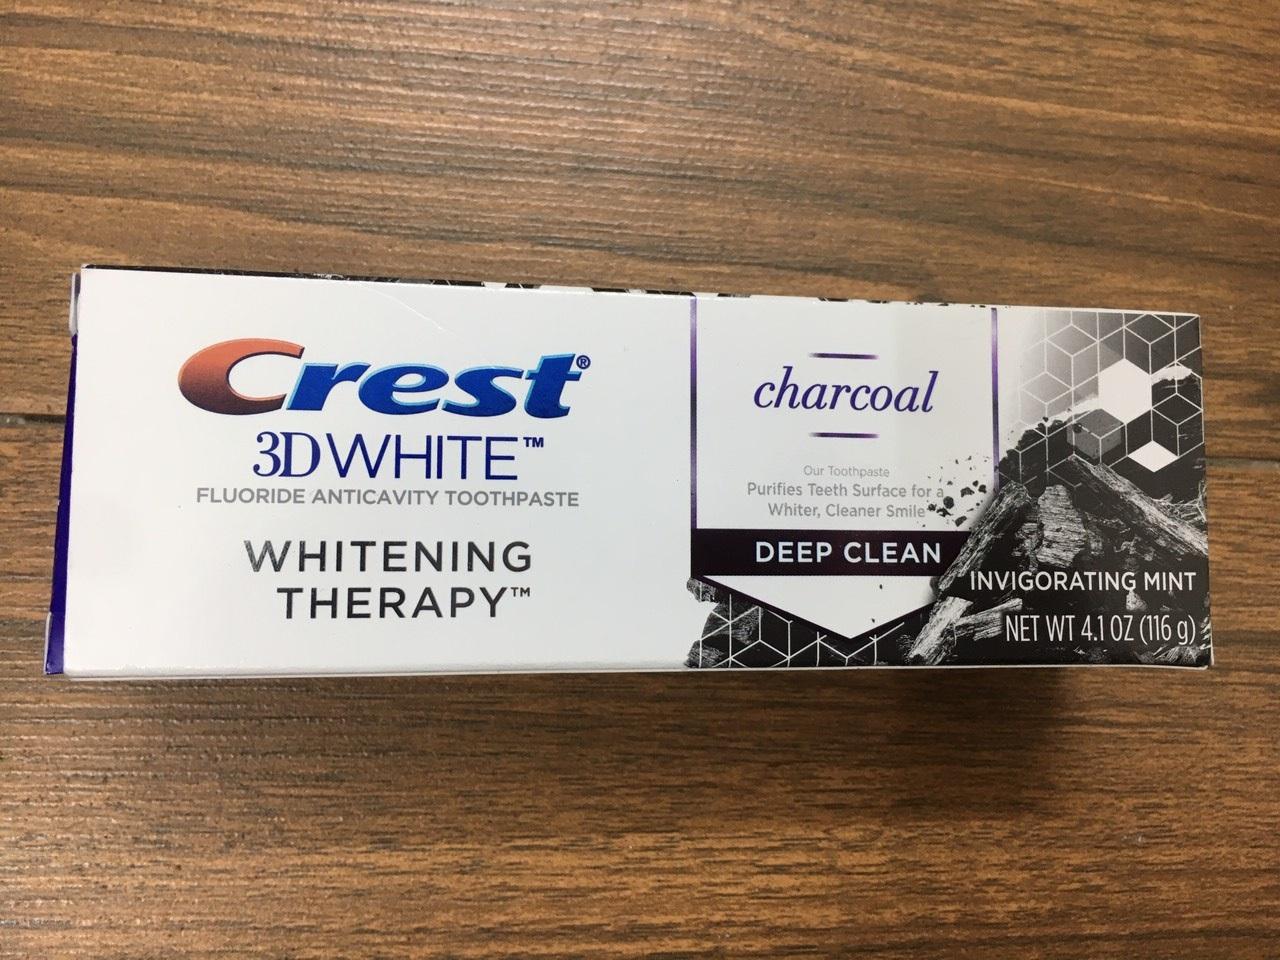 Kem Đánh Răng Crest 3D Whitening Charcoal